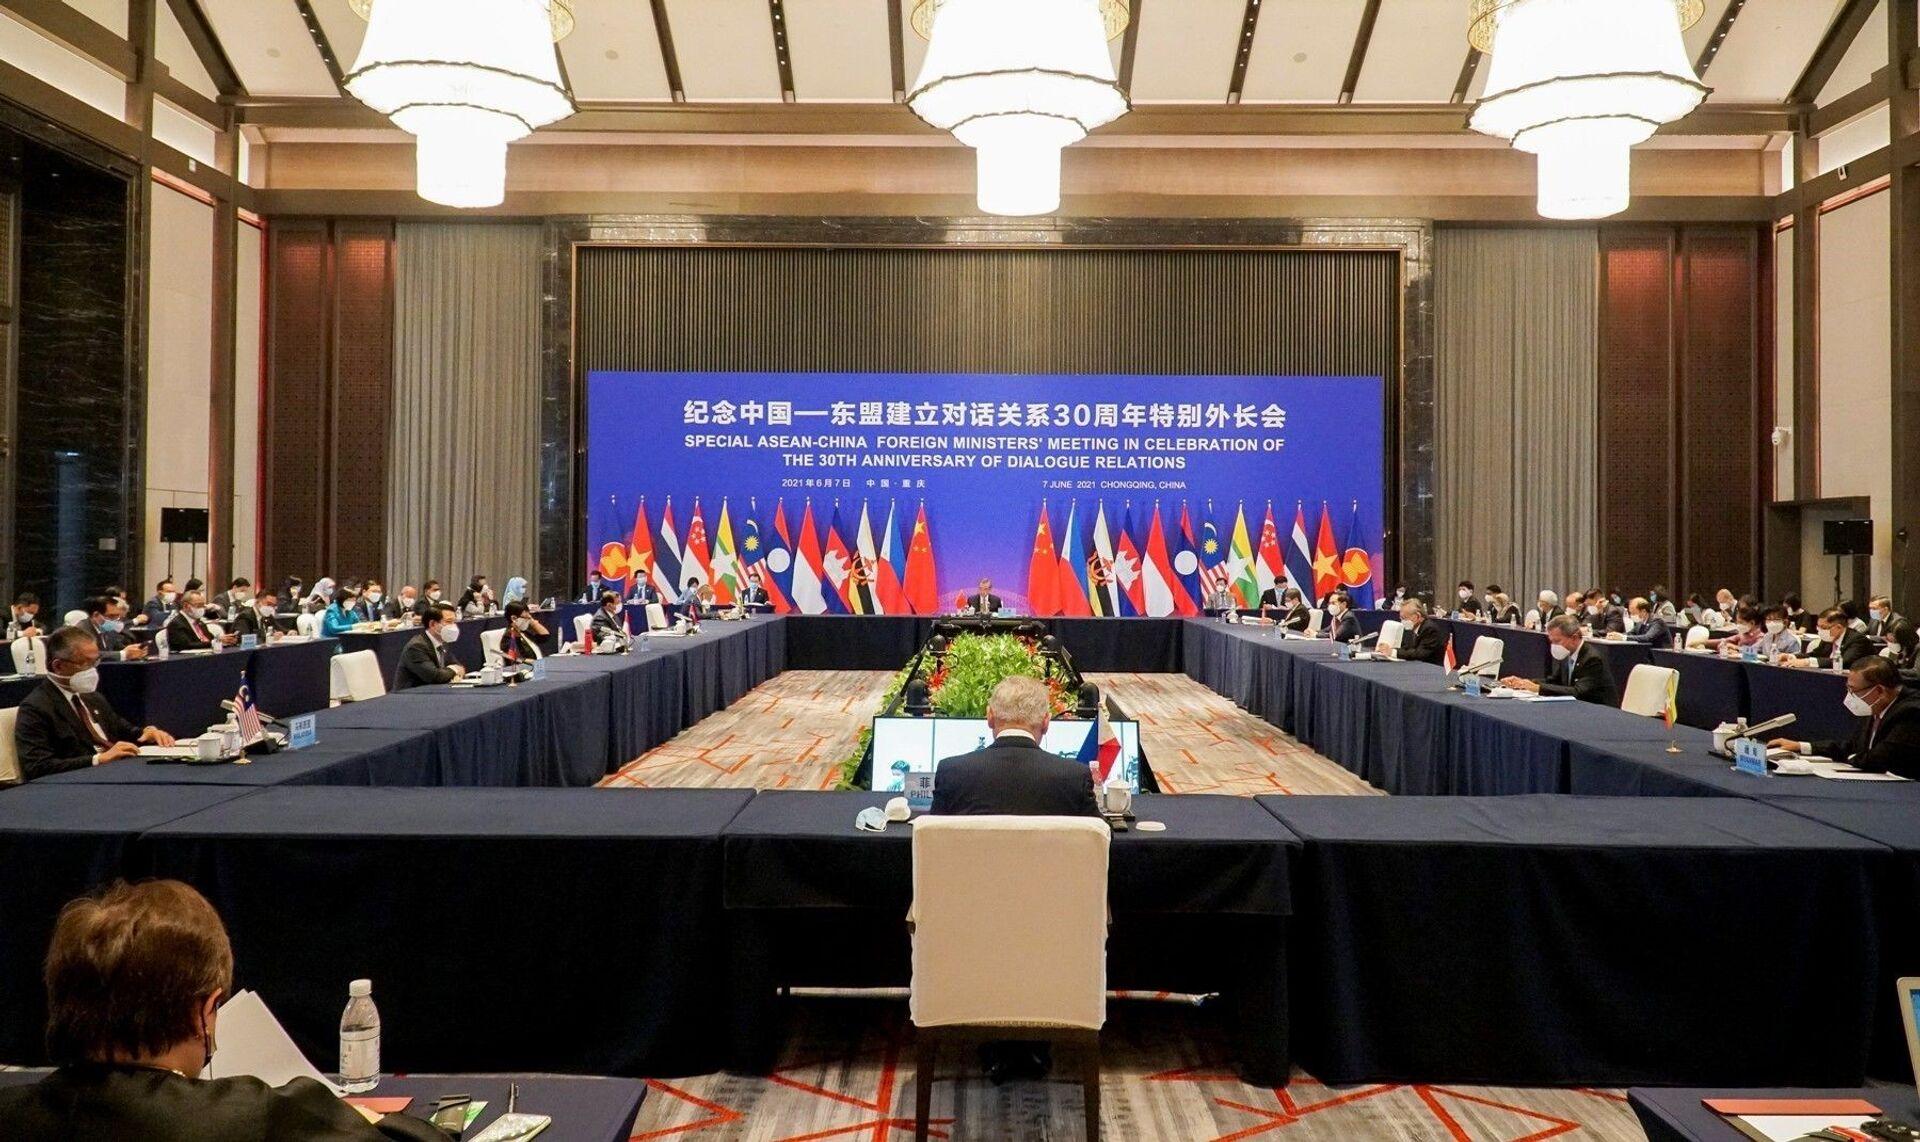 Có gì đặc biệt trong hội nghị tại Trung Quốc với sự tham gia của Bộ trưởng Ngoại giao Bùi Thanh Sơn? - Sputnik Việt Nam, 1920, 08.06.2021